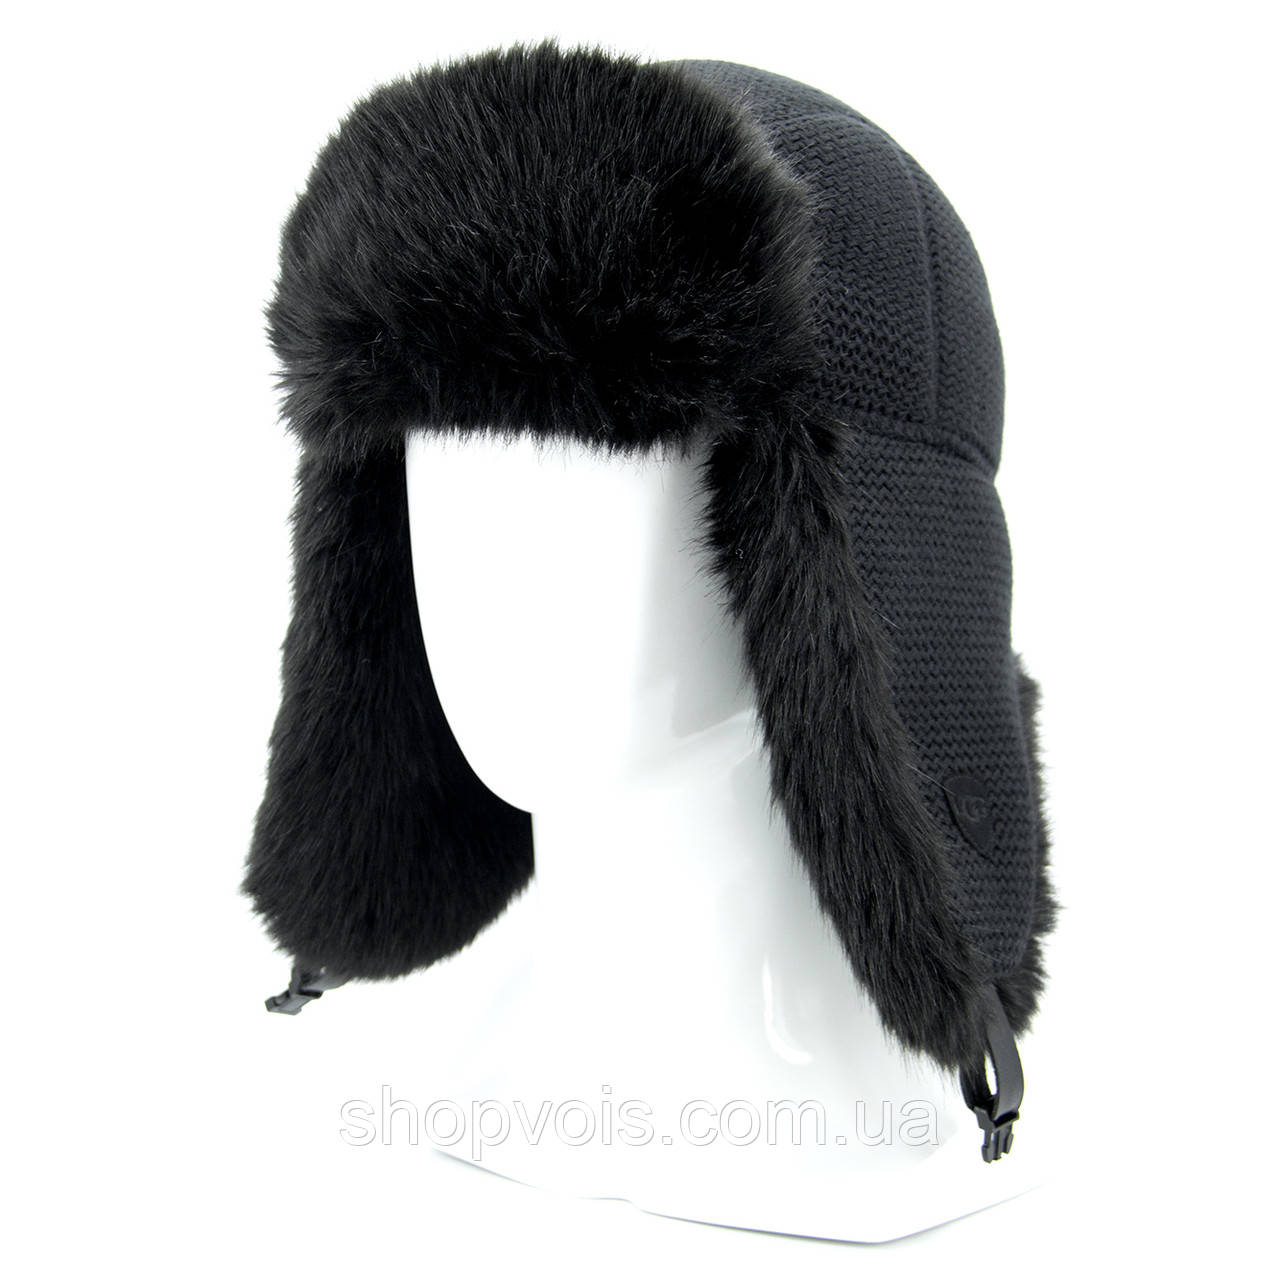 Зимняя мужская шапка ушанка. Черный SU14